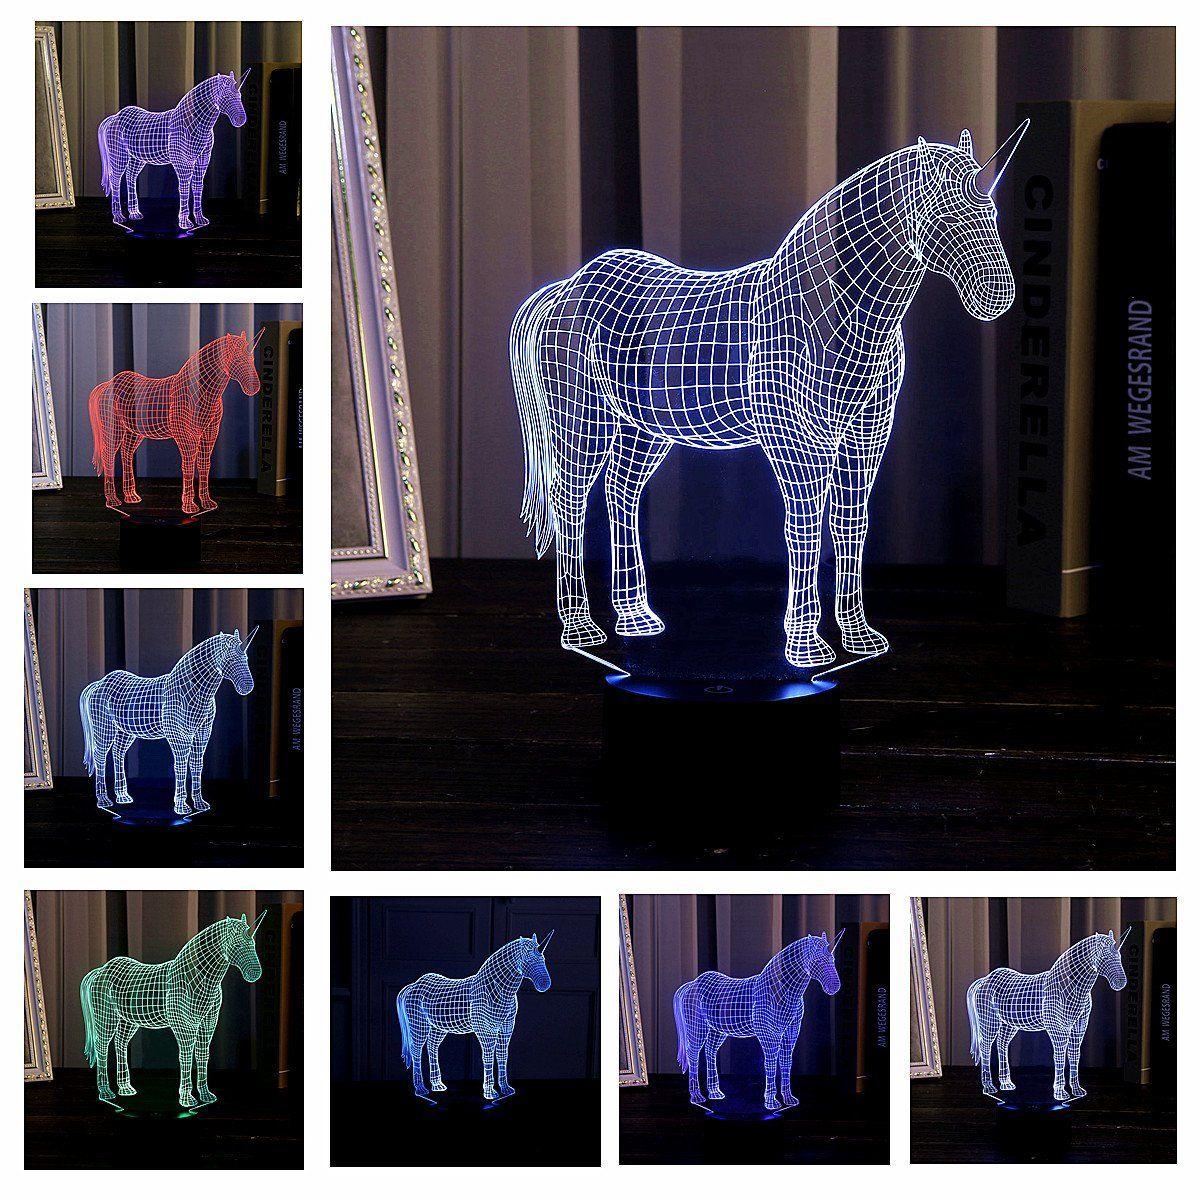 Werbung Coole 3d Lampe Einhorn Sorgt Fur Einen Coolen 3d Effekt Und Leuchtet In Verschiedenen Farben Toll Nachtlicht Fur Kinder Nachtlicht Kinder Lampen